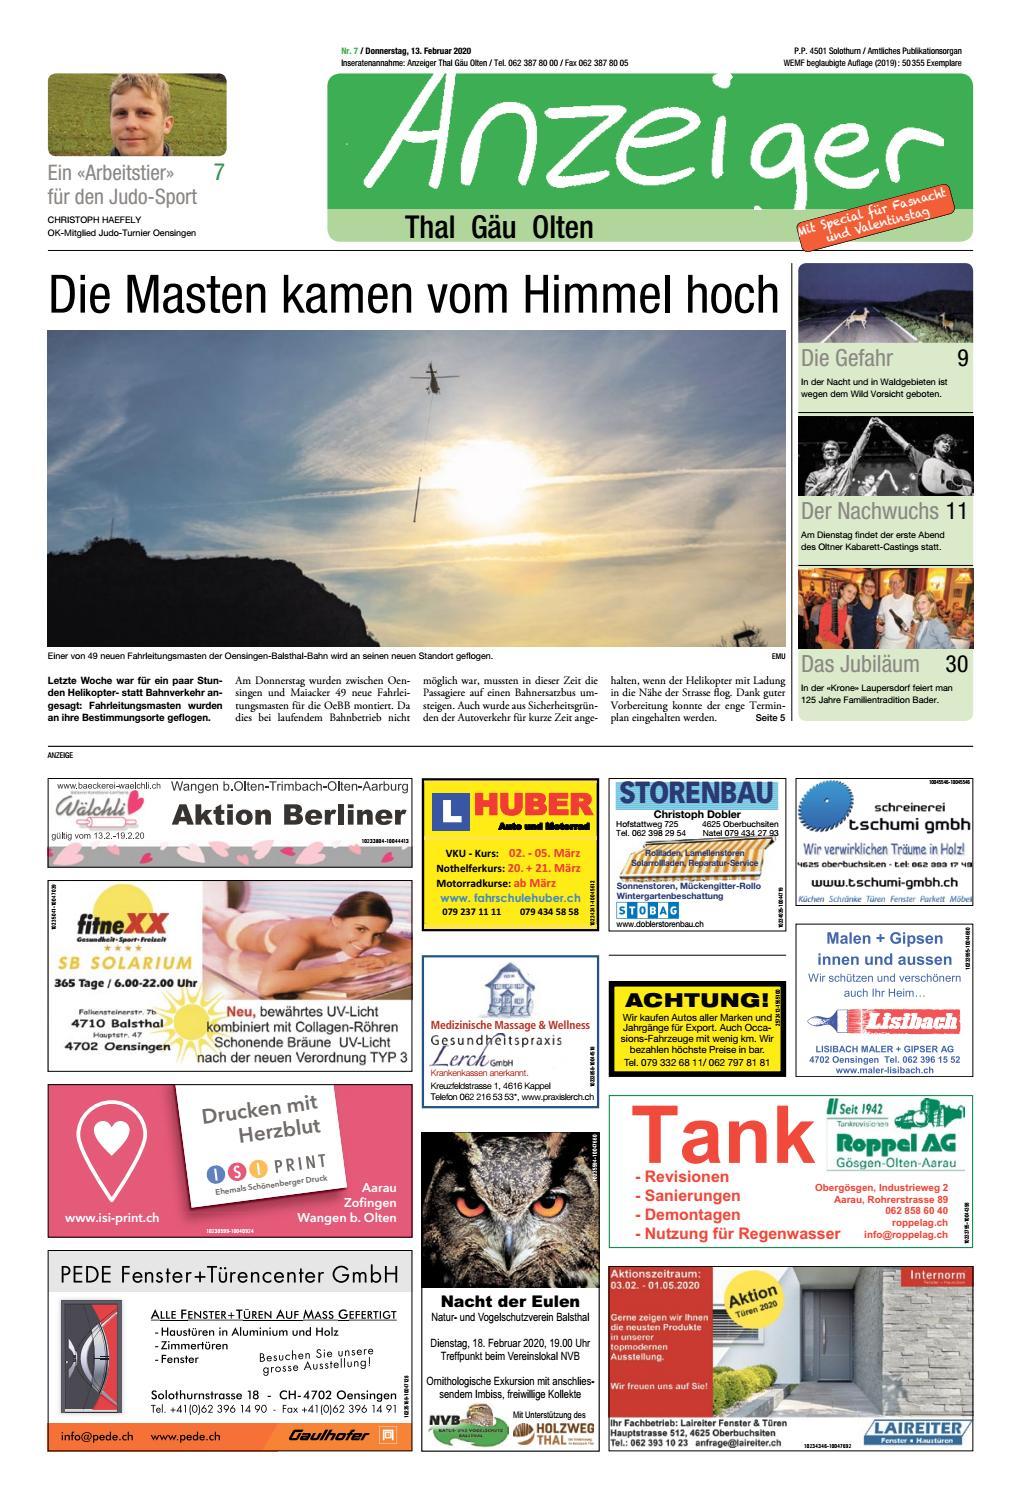 Am Pfannenstiel, 79379 Mllheim - Atlas immobilienScout